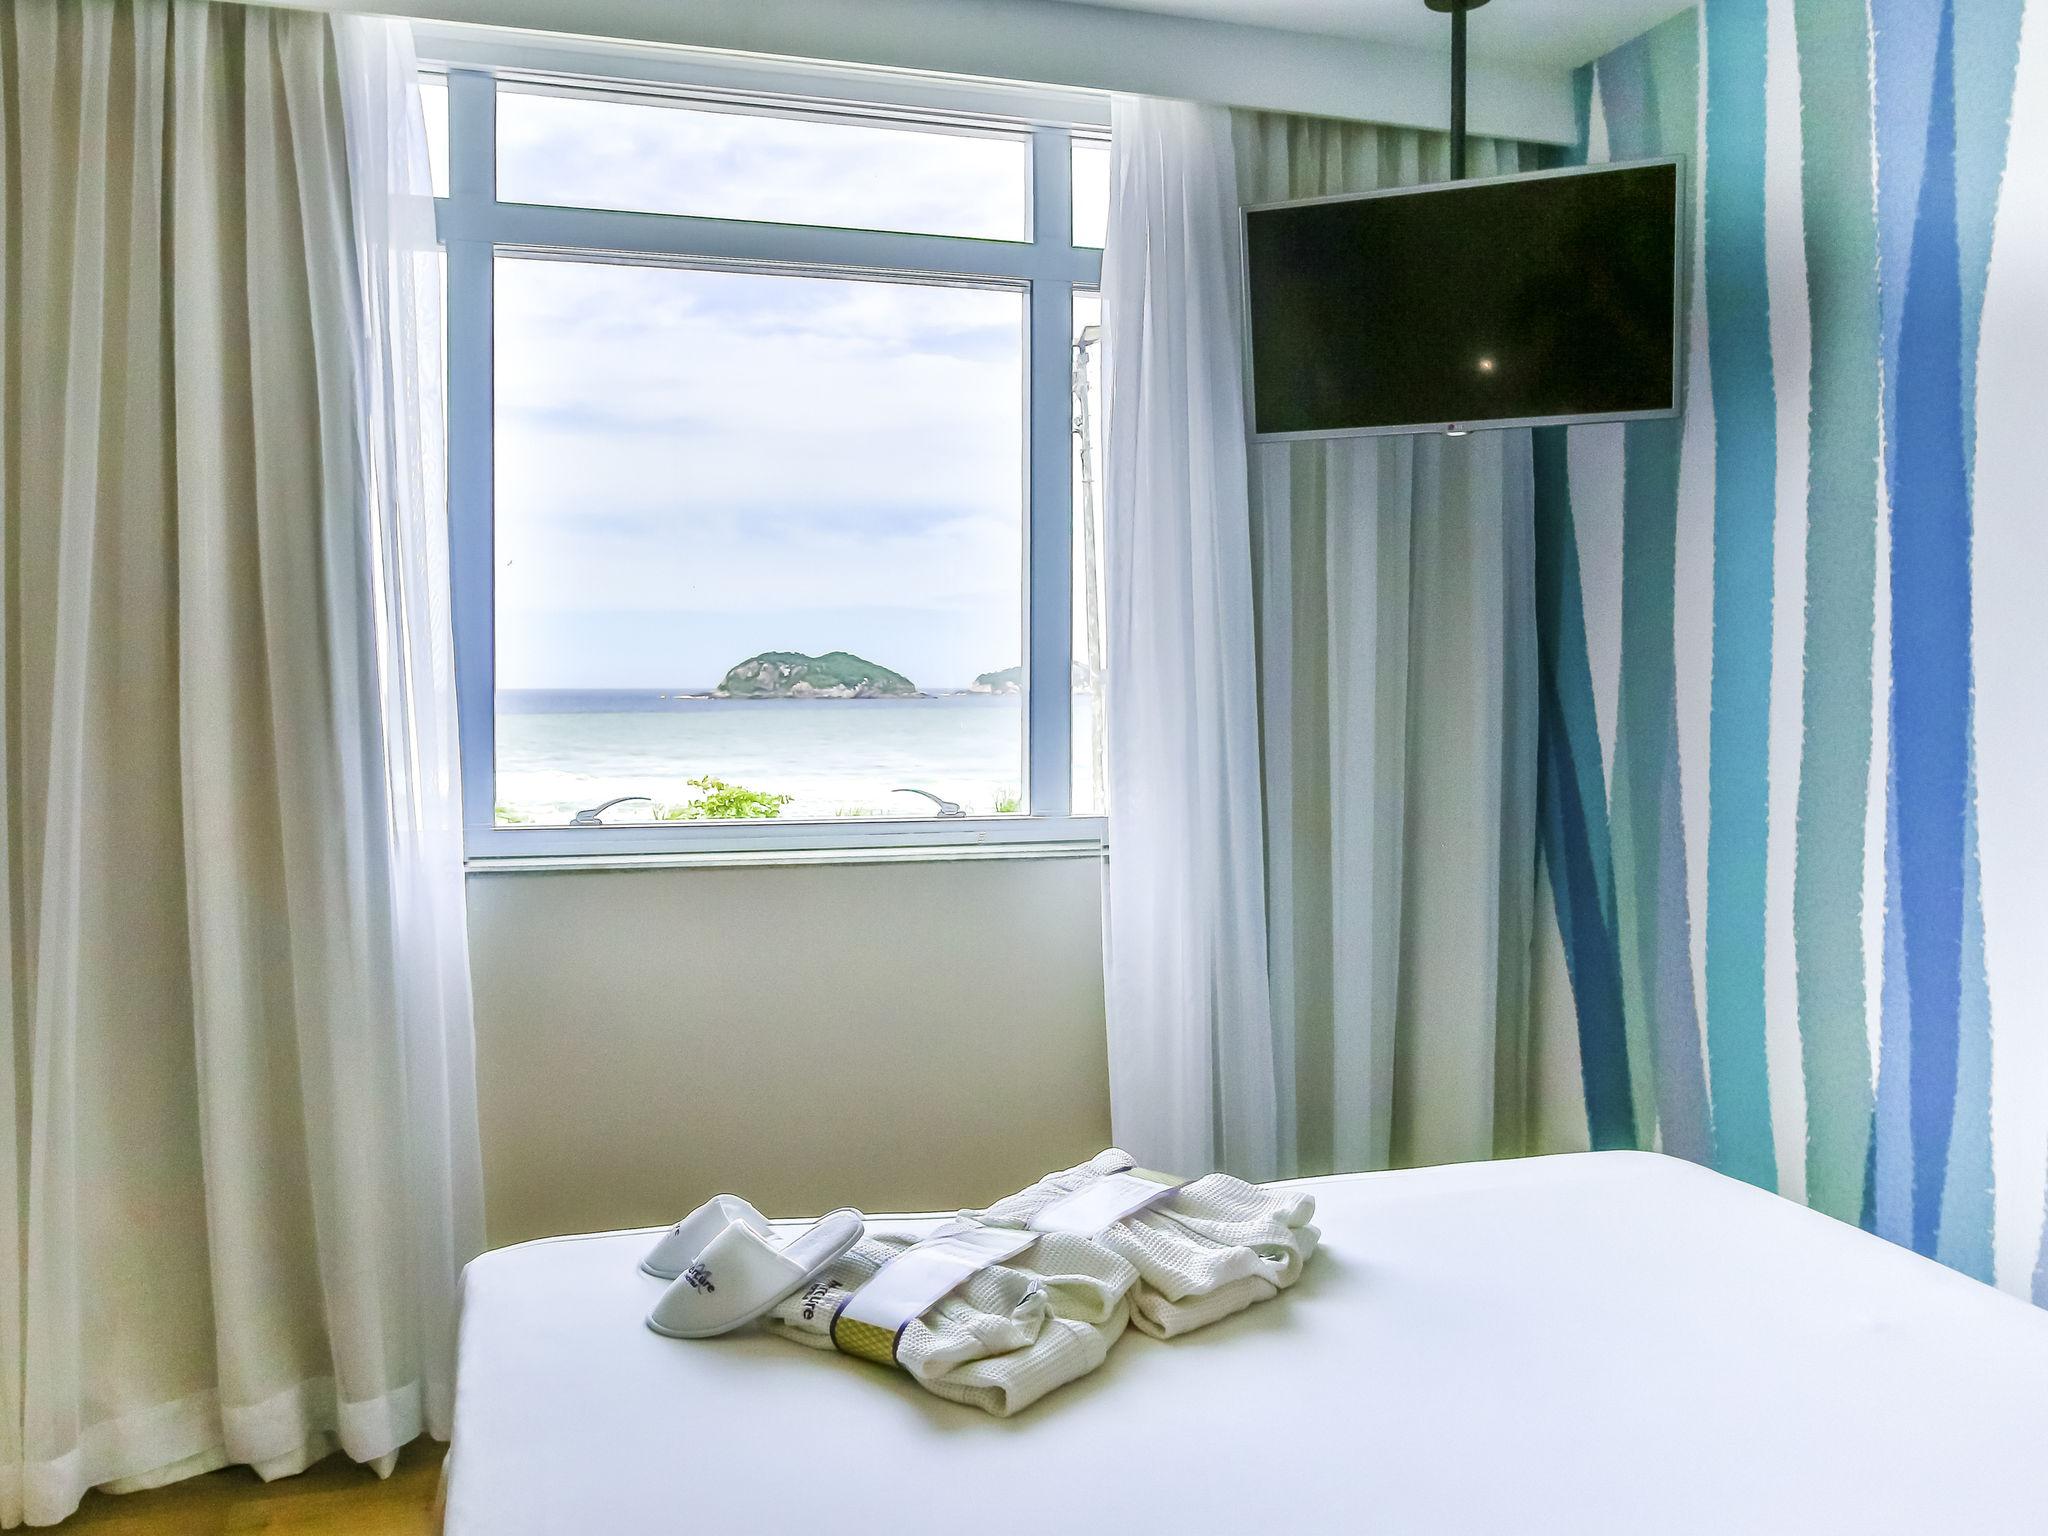 酒店 – 里约热内卢巴拉达蒂茹卡美居酒店